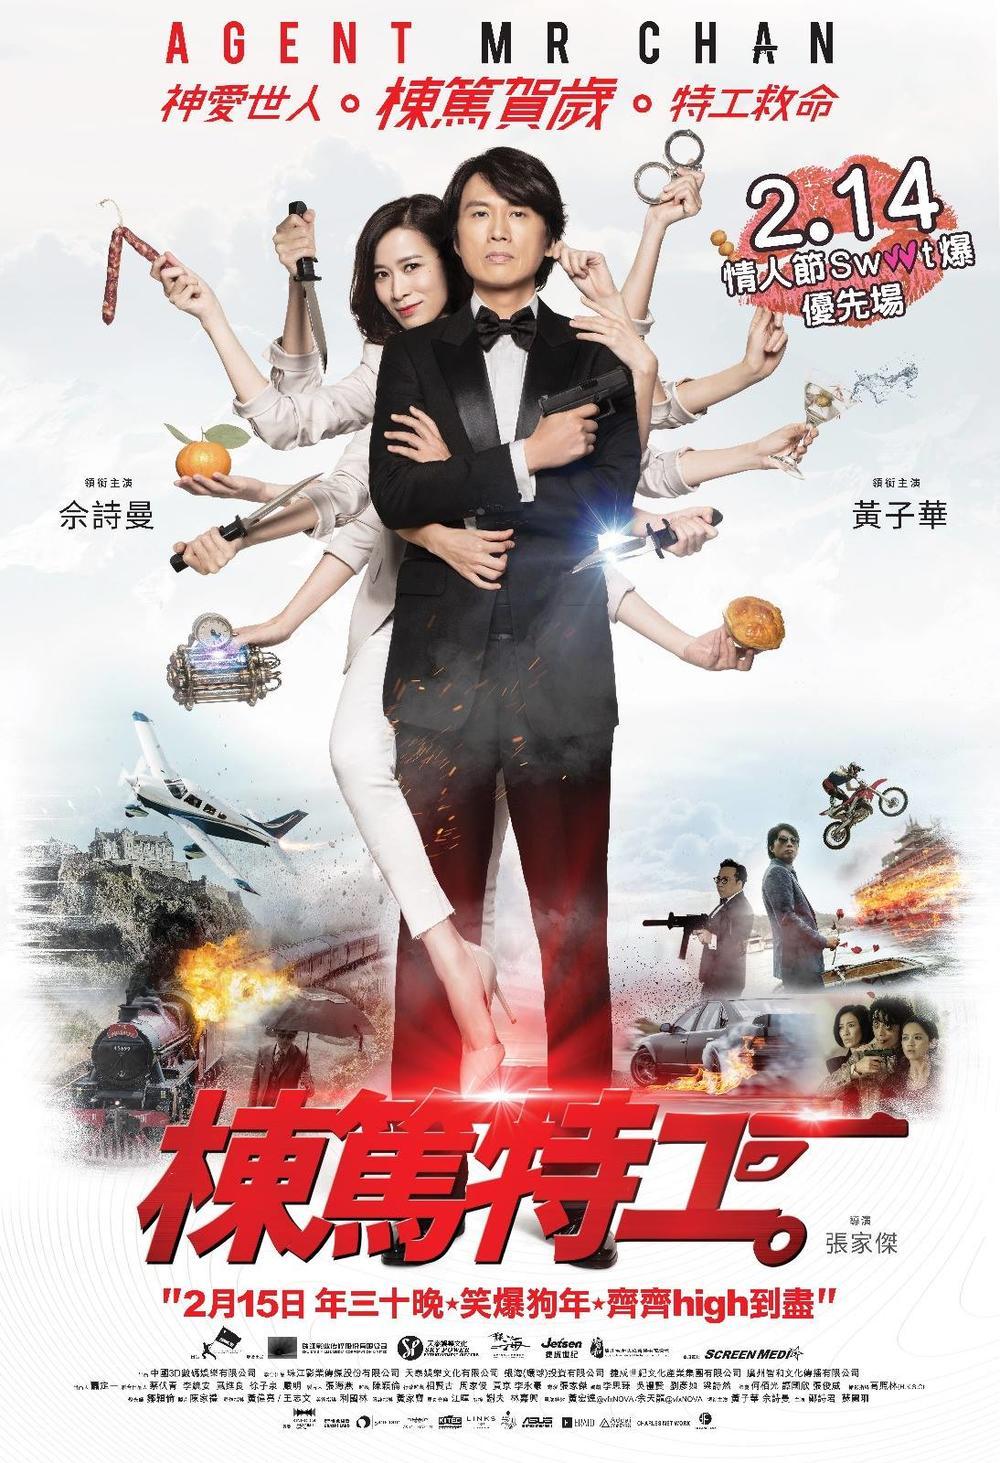 2018香港电影票房排行榜出炉 《复联3》登顶